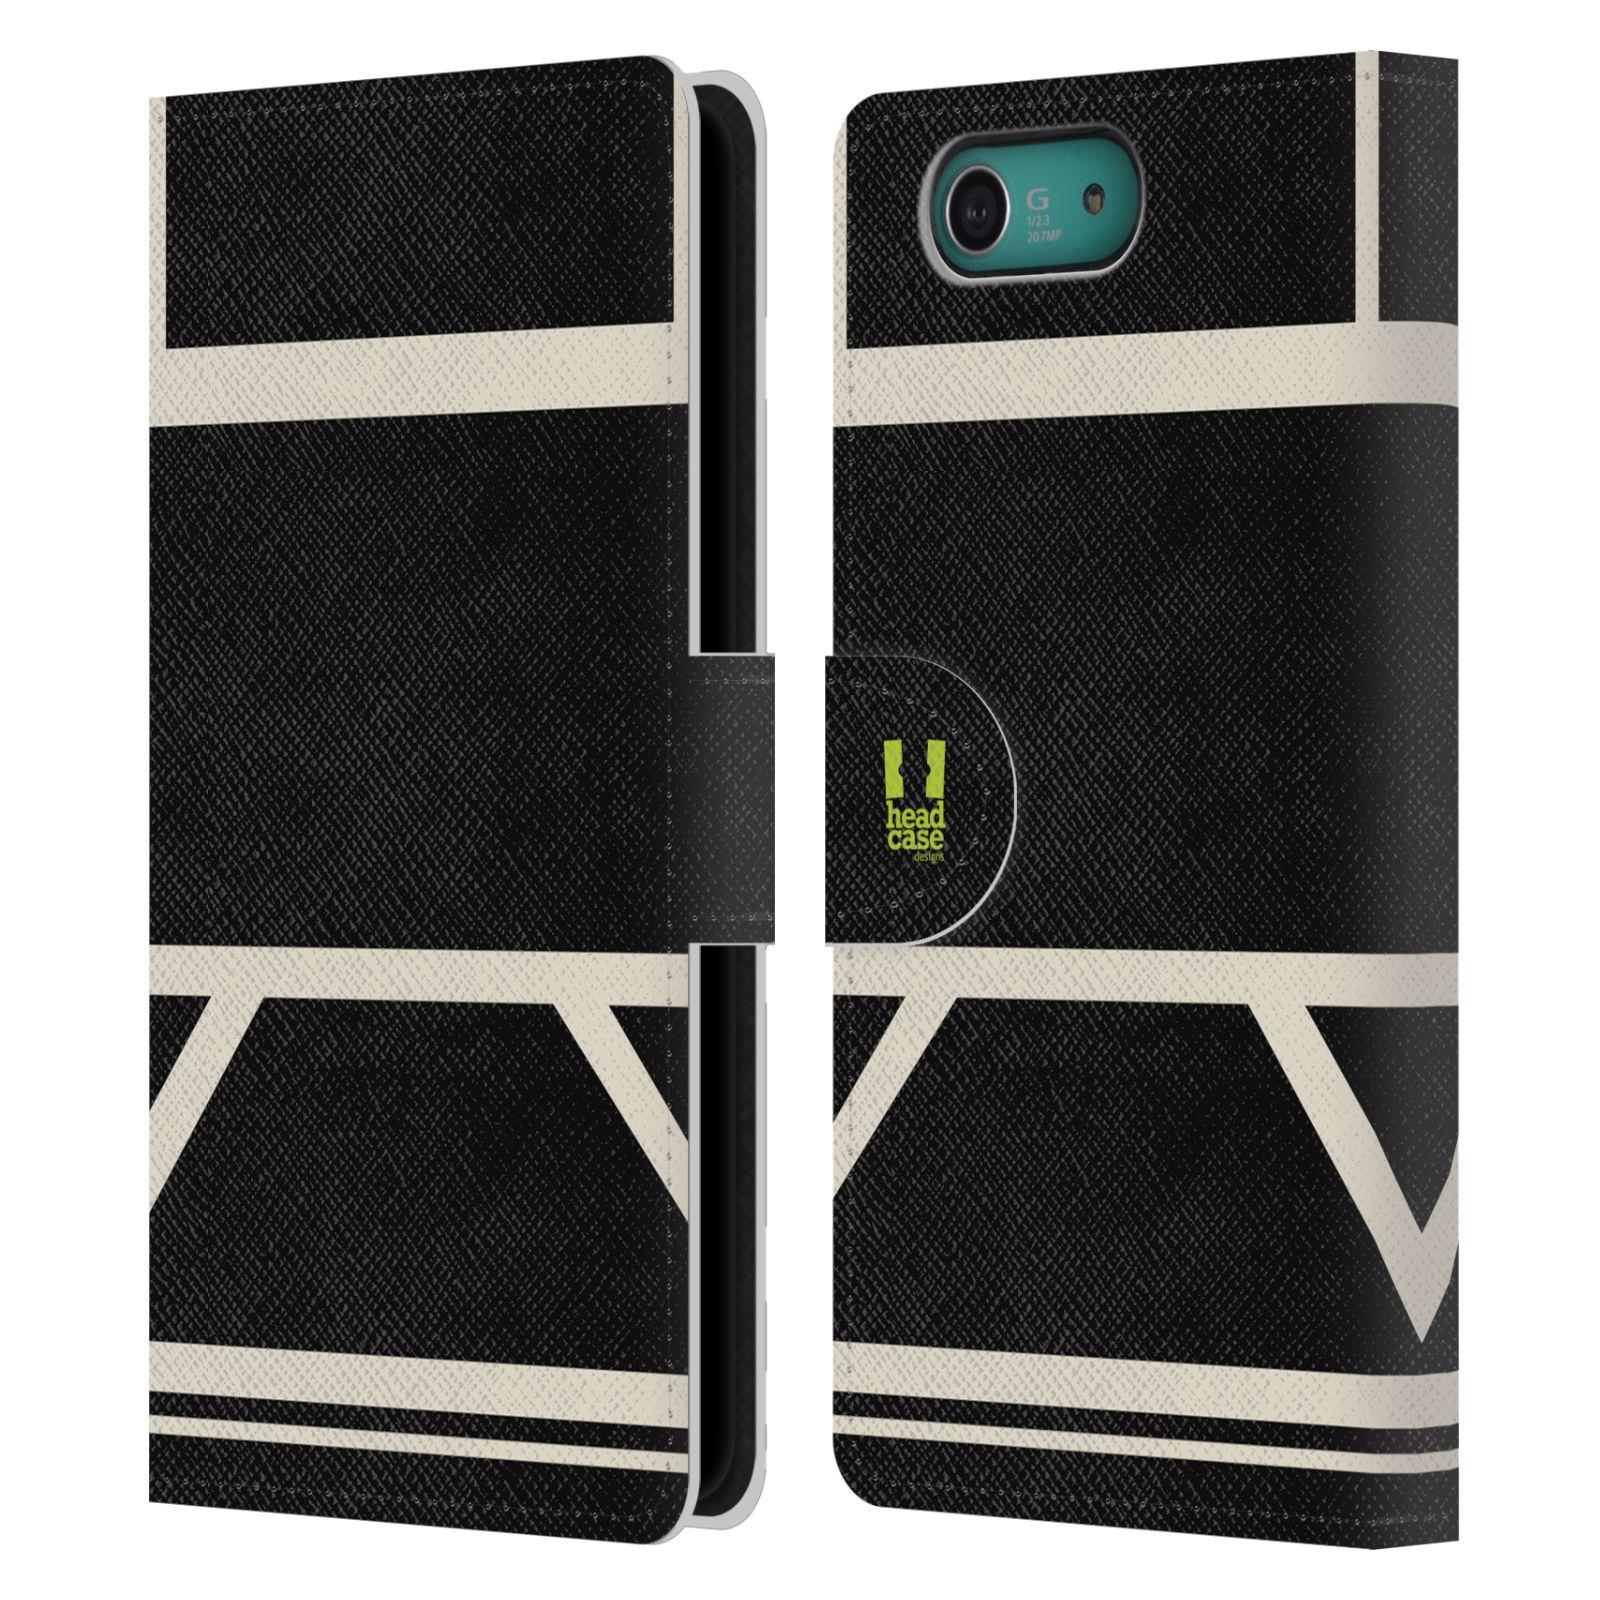 HEAD CASE Flipové pouzdro pro mobil SONY XPERIA Z3 COMPACT barevné tvary černá a bílá proužek